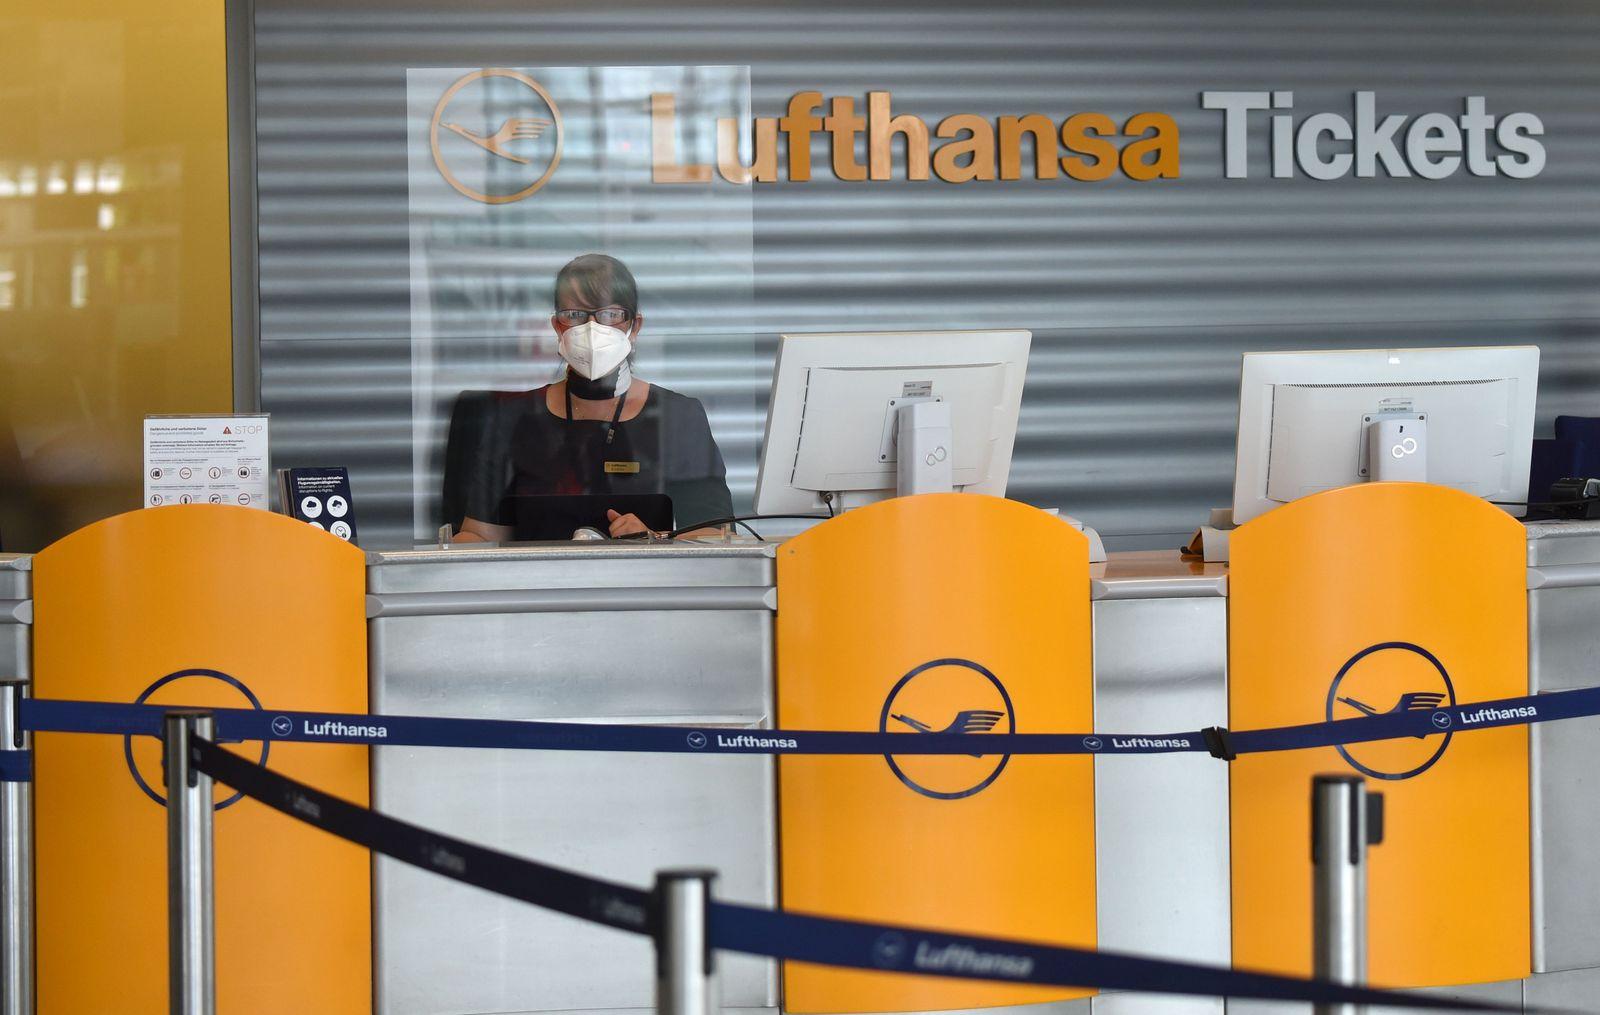 Lufthansa / Schalter